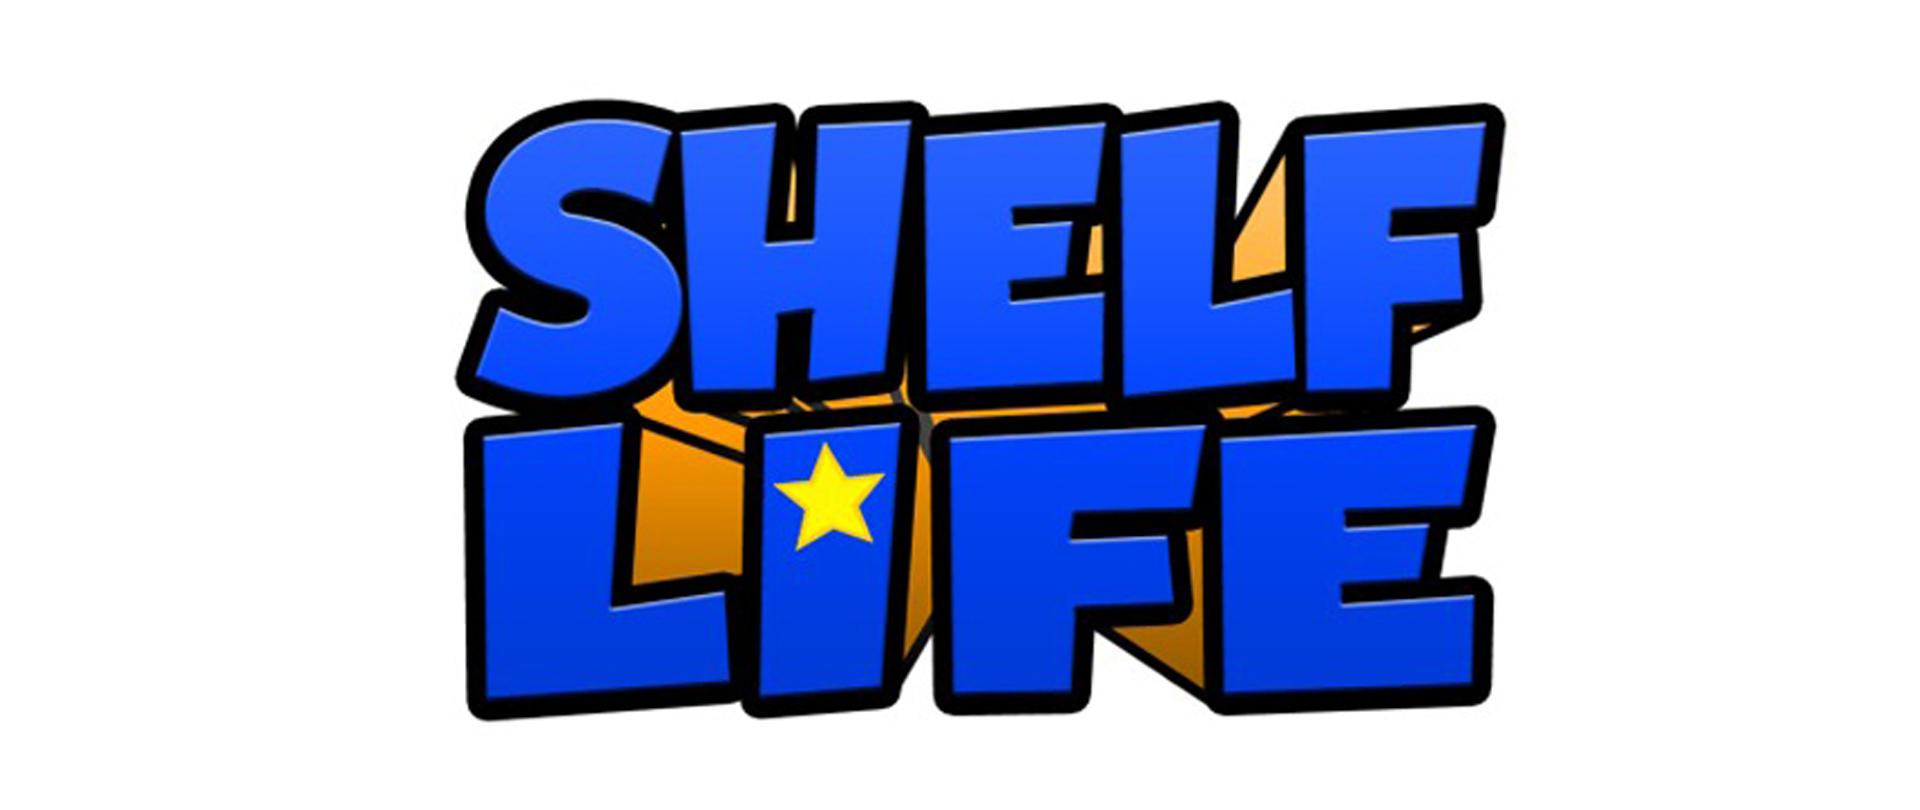 shelflifeRMX.jpg